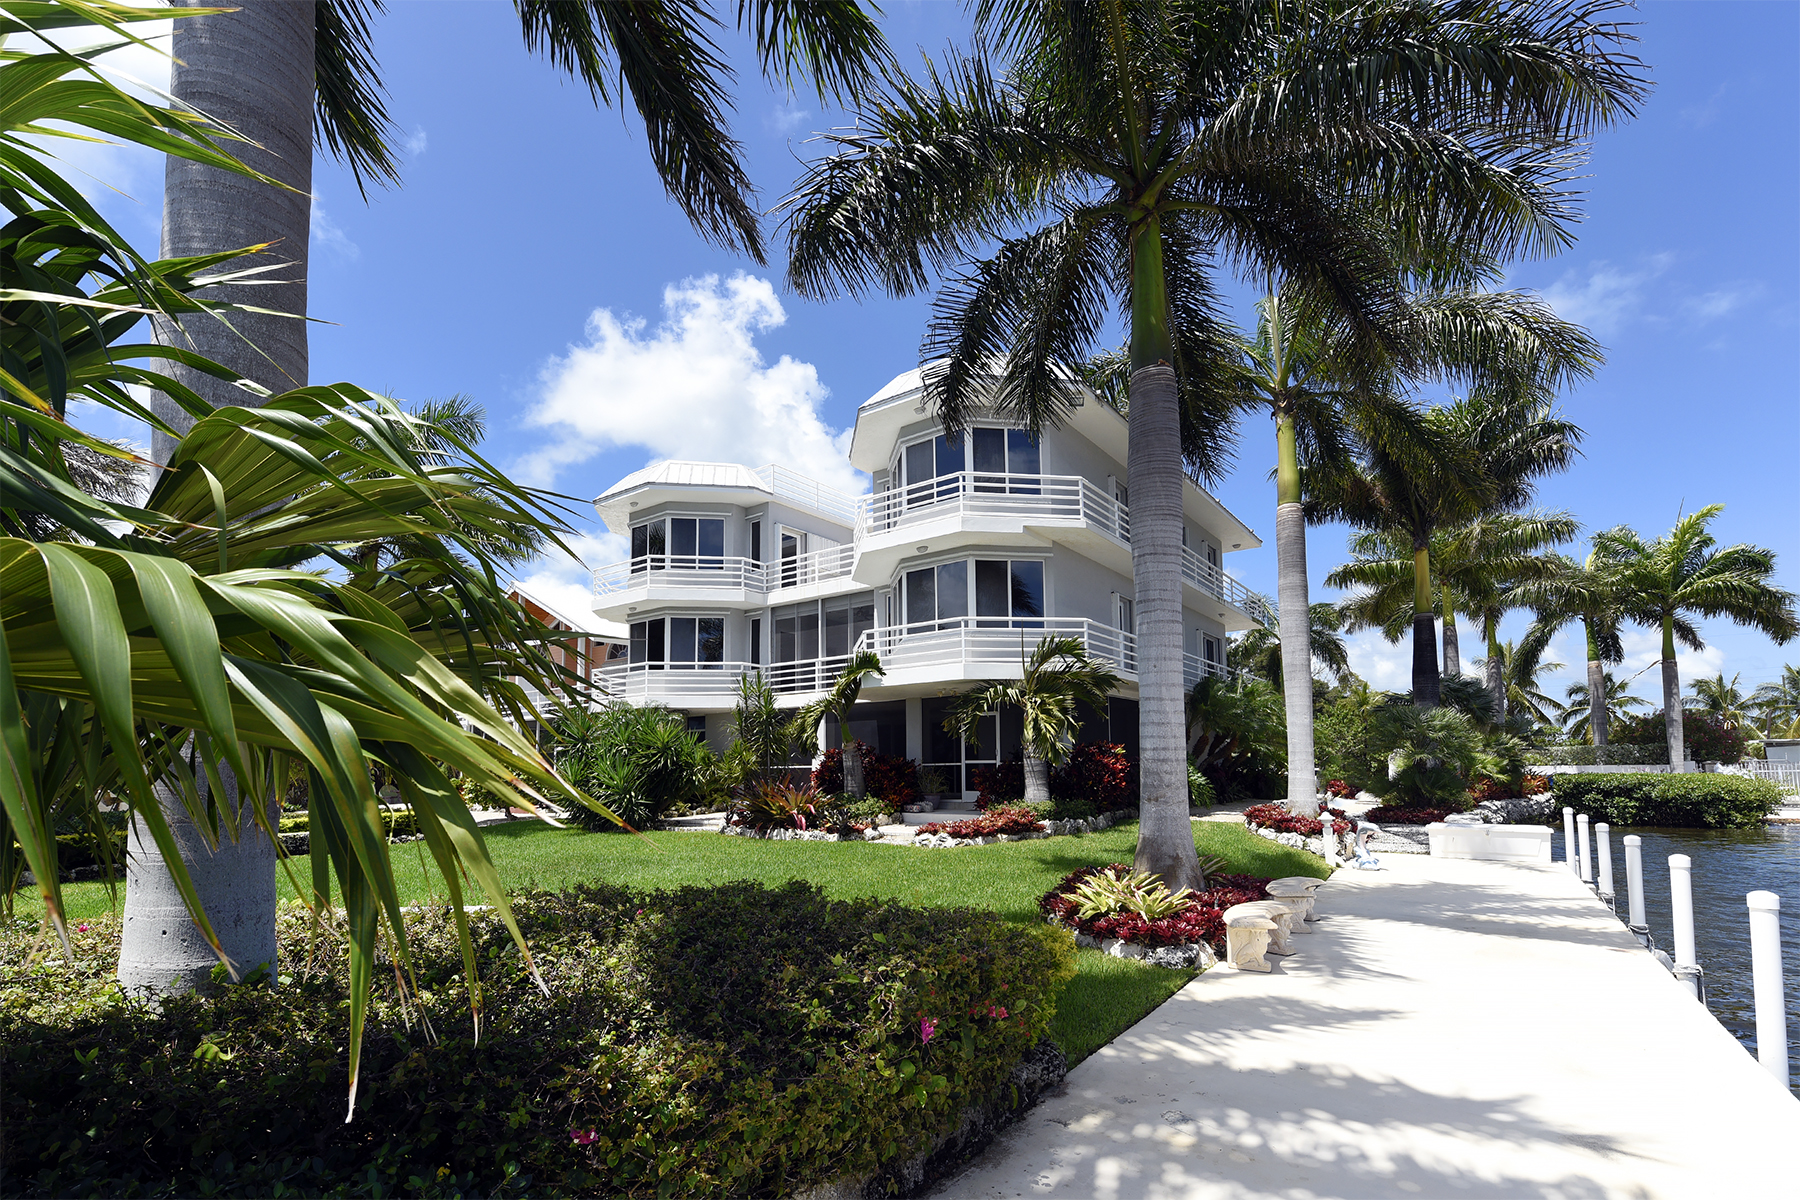 独户住宅 为 销售 在 Grand Bayfront Estate 569 Hazel Street 拉哥, 佛罗里达州, 33037 美国